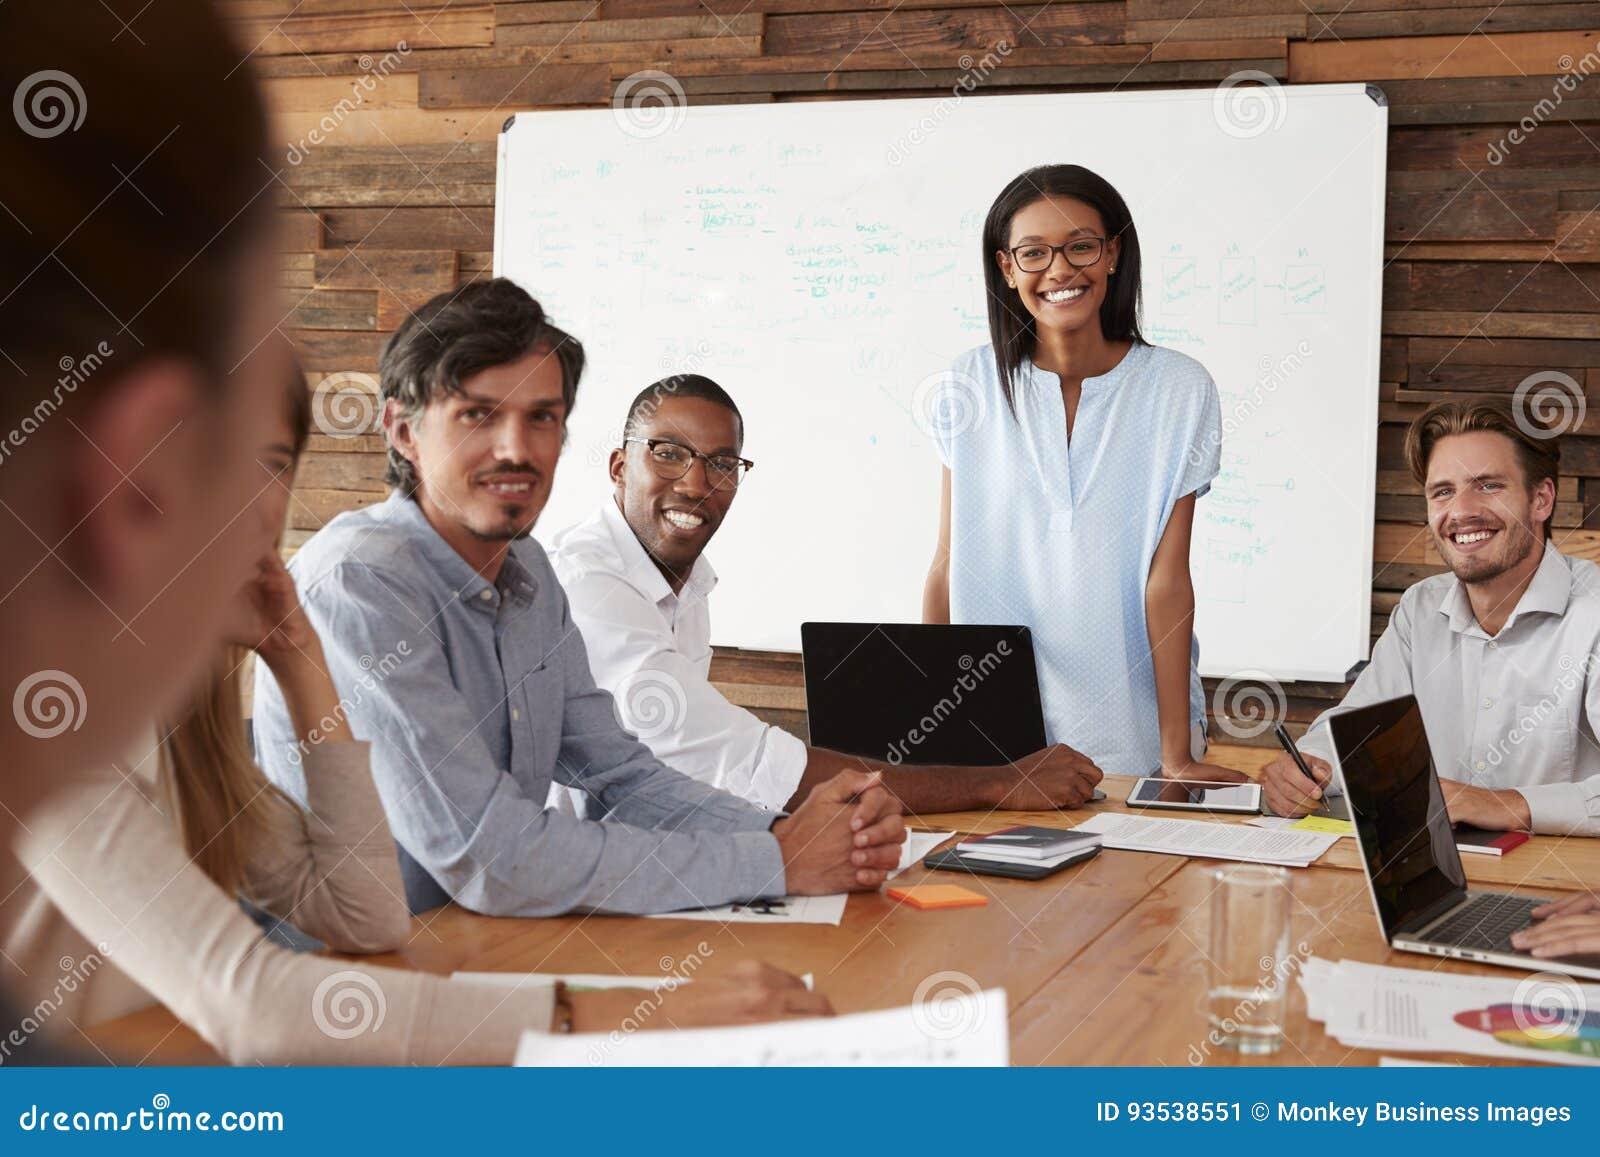 La mujer negra y los colegas jovenes en la reunión sonríen a la cámara